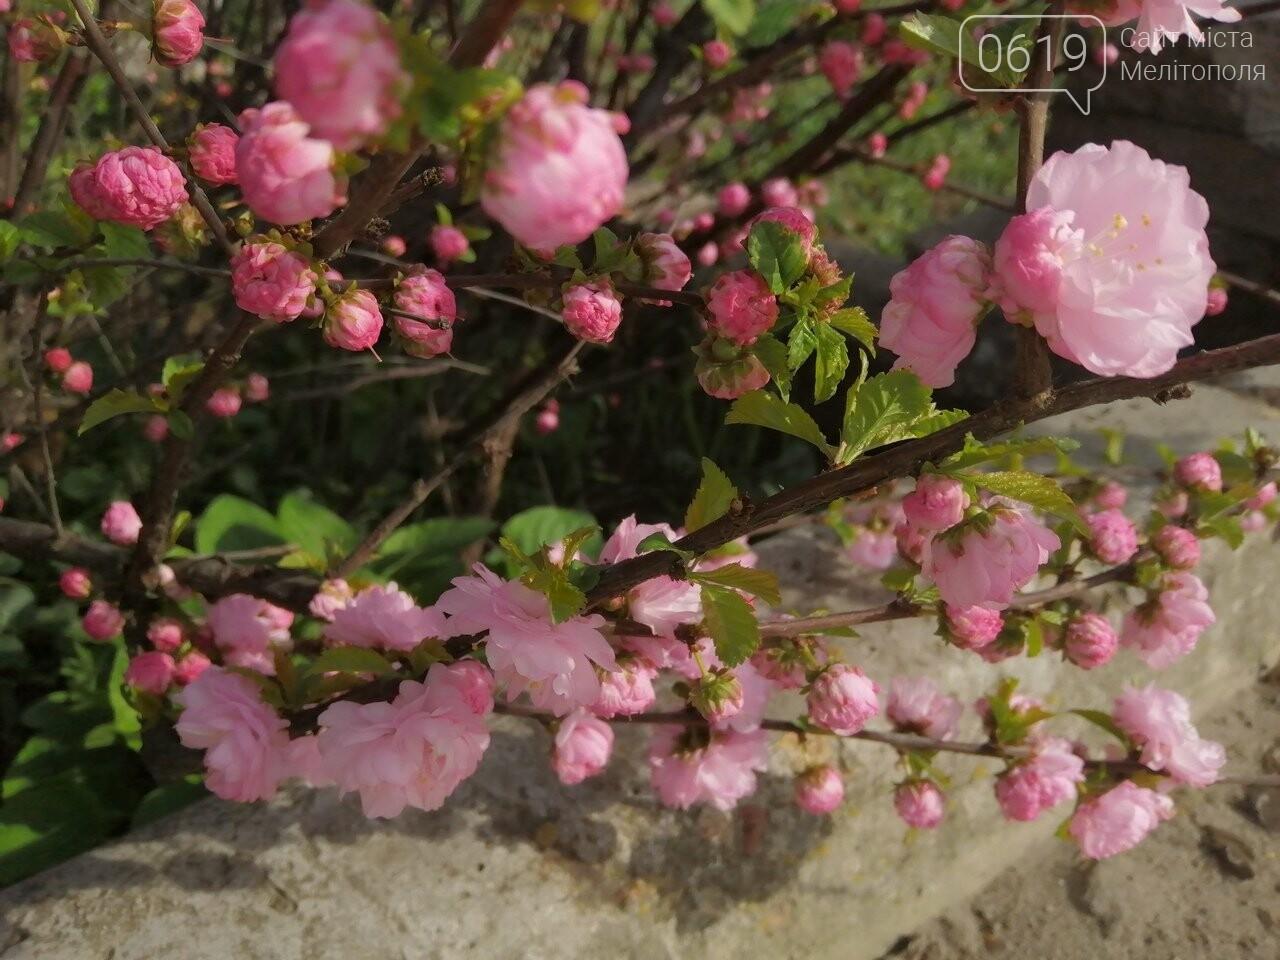 В Мелитополе расцвели майские розы, фото-5, Фото сайта 0619